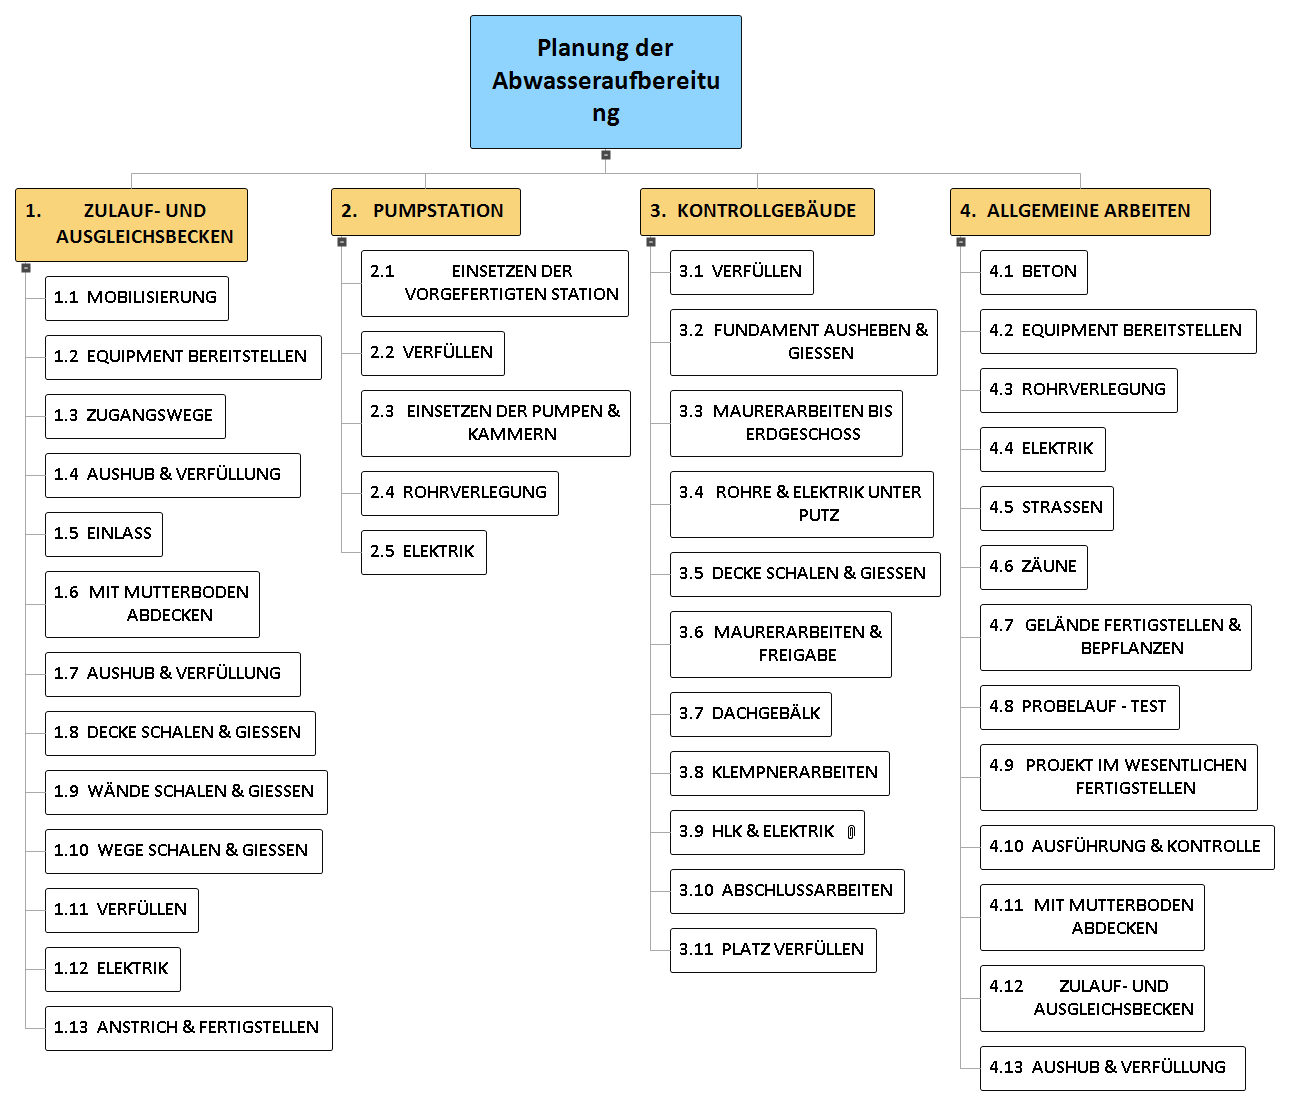 Planung der Abwasseraufbereitung PSP